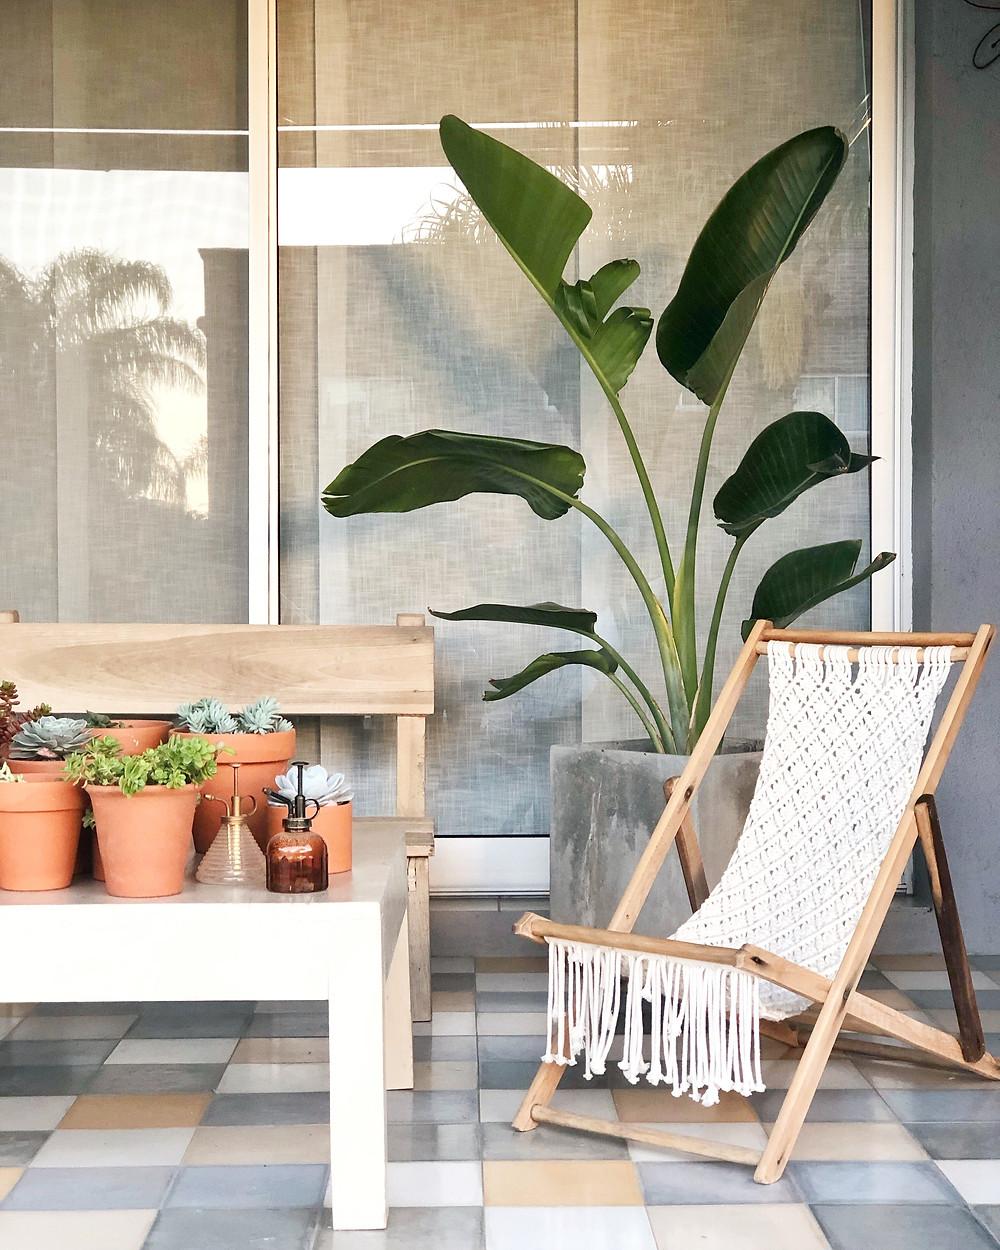 Silla exterior macramé patio porche ambientación suculentas